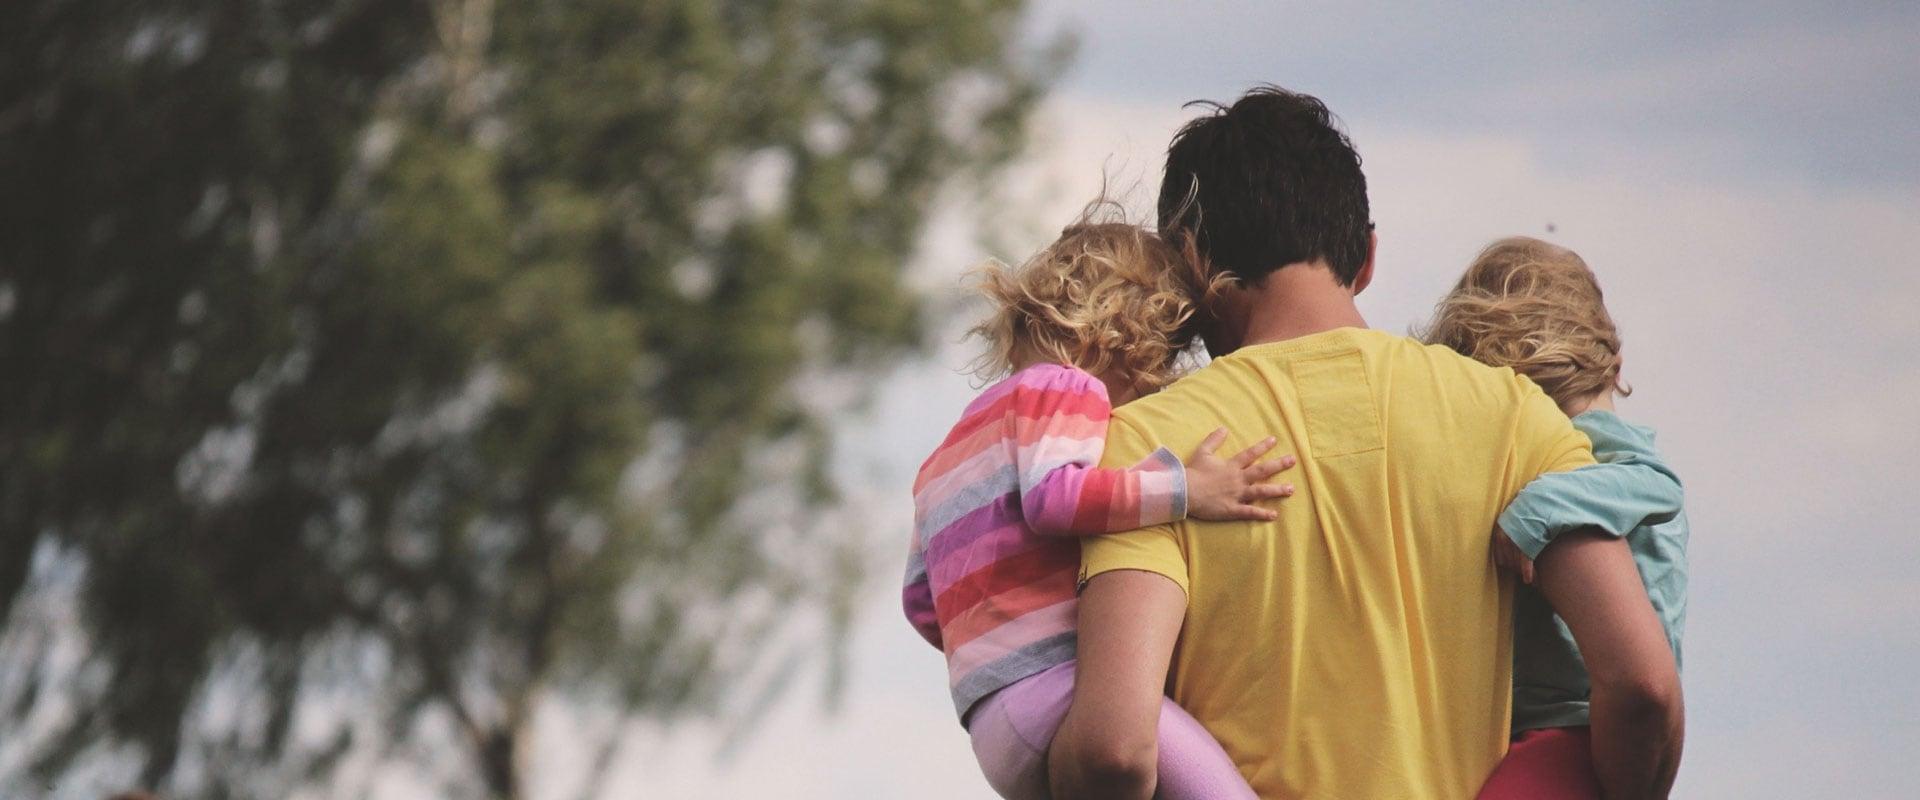 Hvor kan man få hjælp til at blive misbrugt